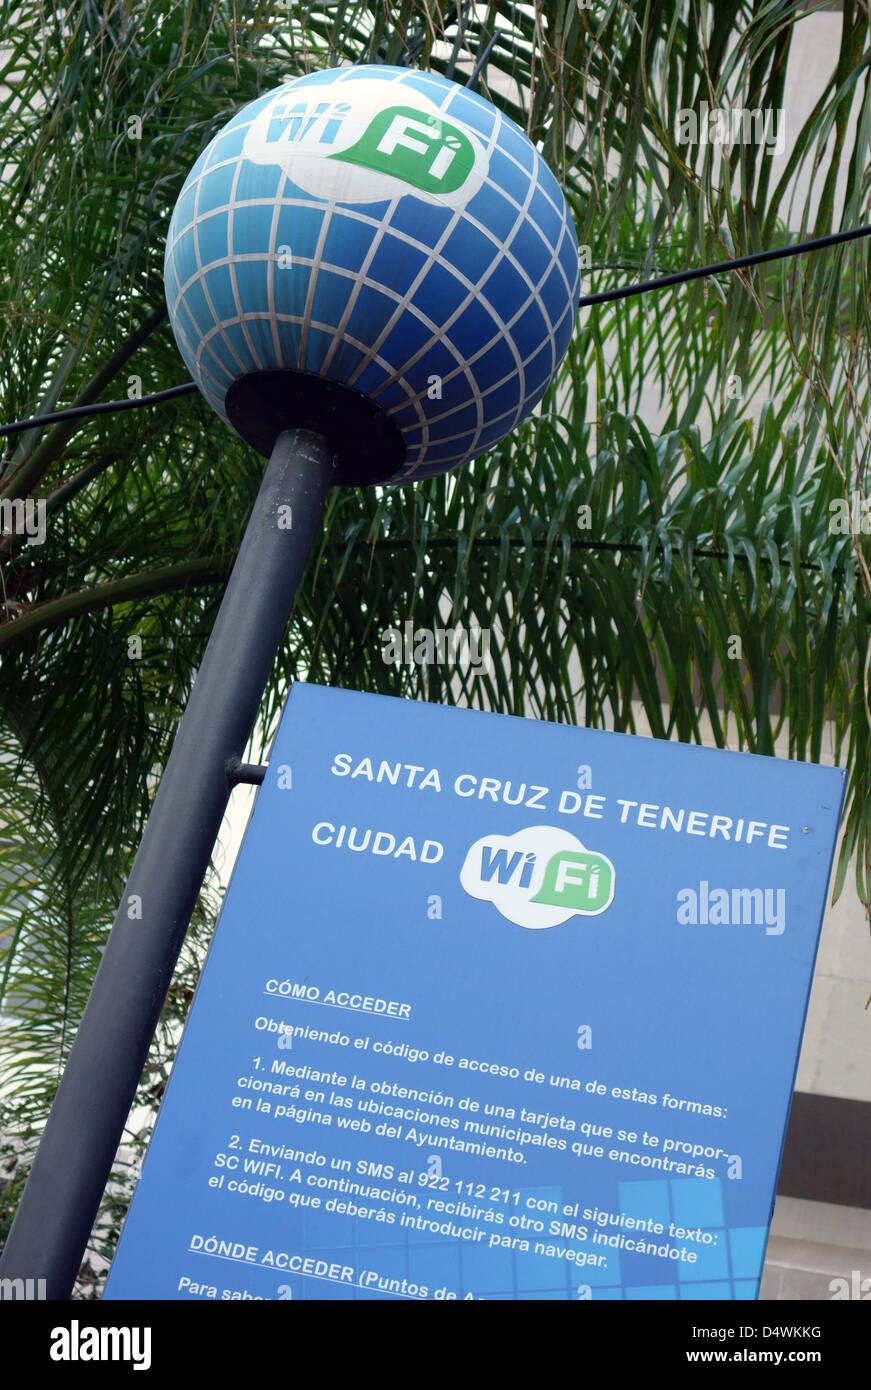 Informations sur l'accès Wi-Fi public en street à Santa Cruz de Tenerife, Îles Canaries Photo Stock